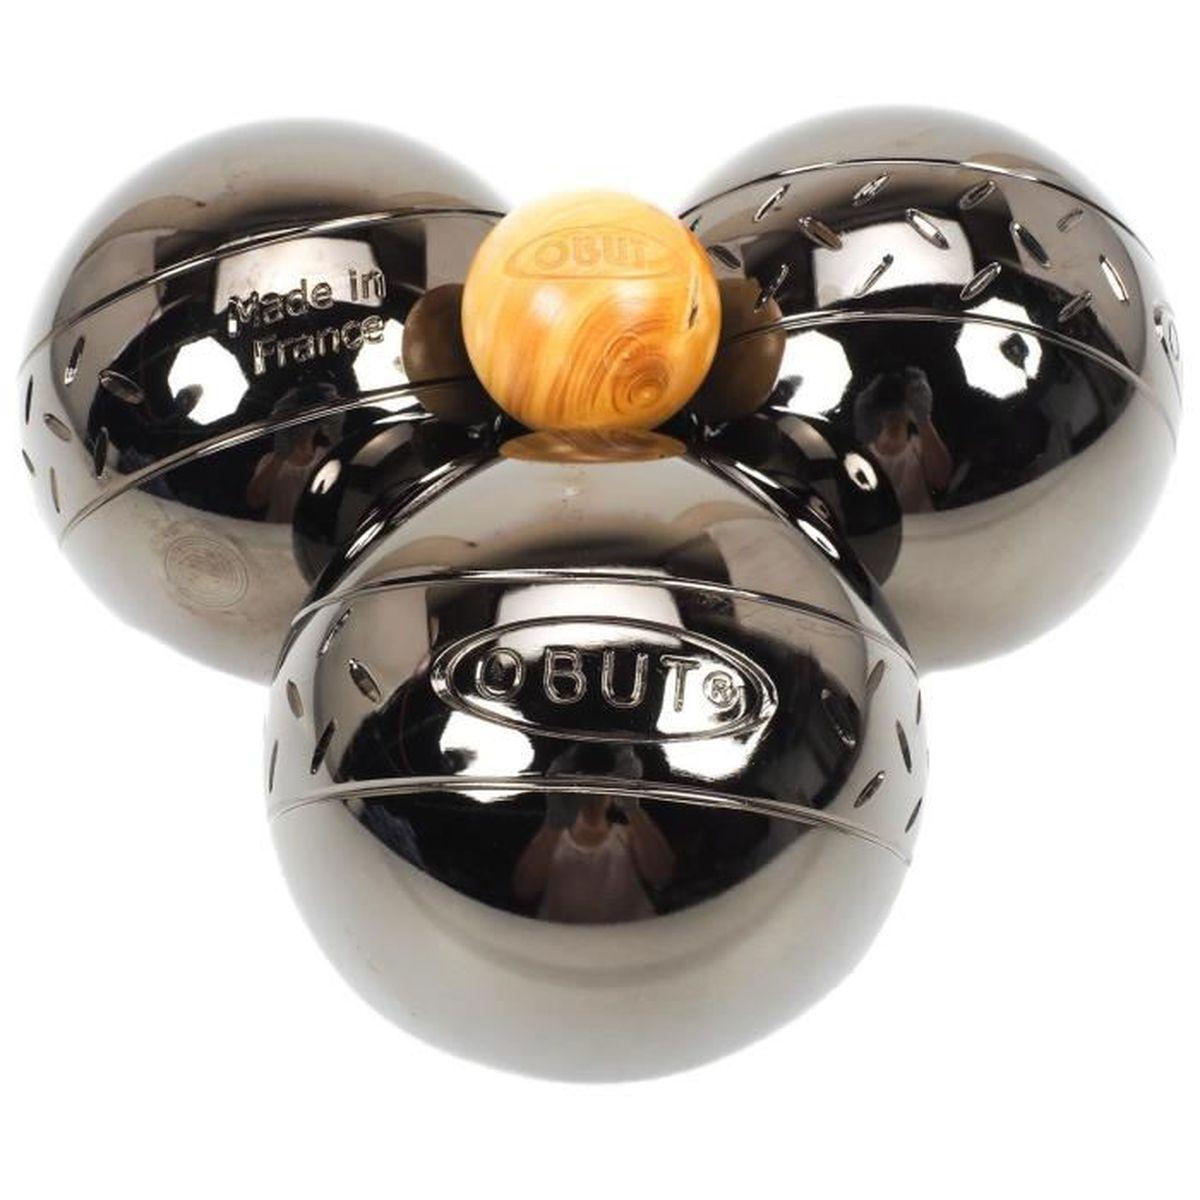 boules de p tanque malette 3 boules chevron obut uni. Black Bedroom Furniture Sets. Home Design Ideas